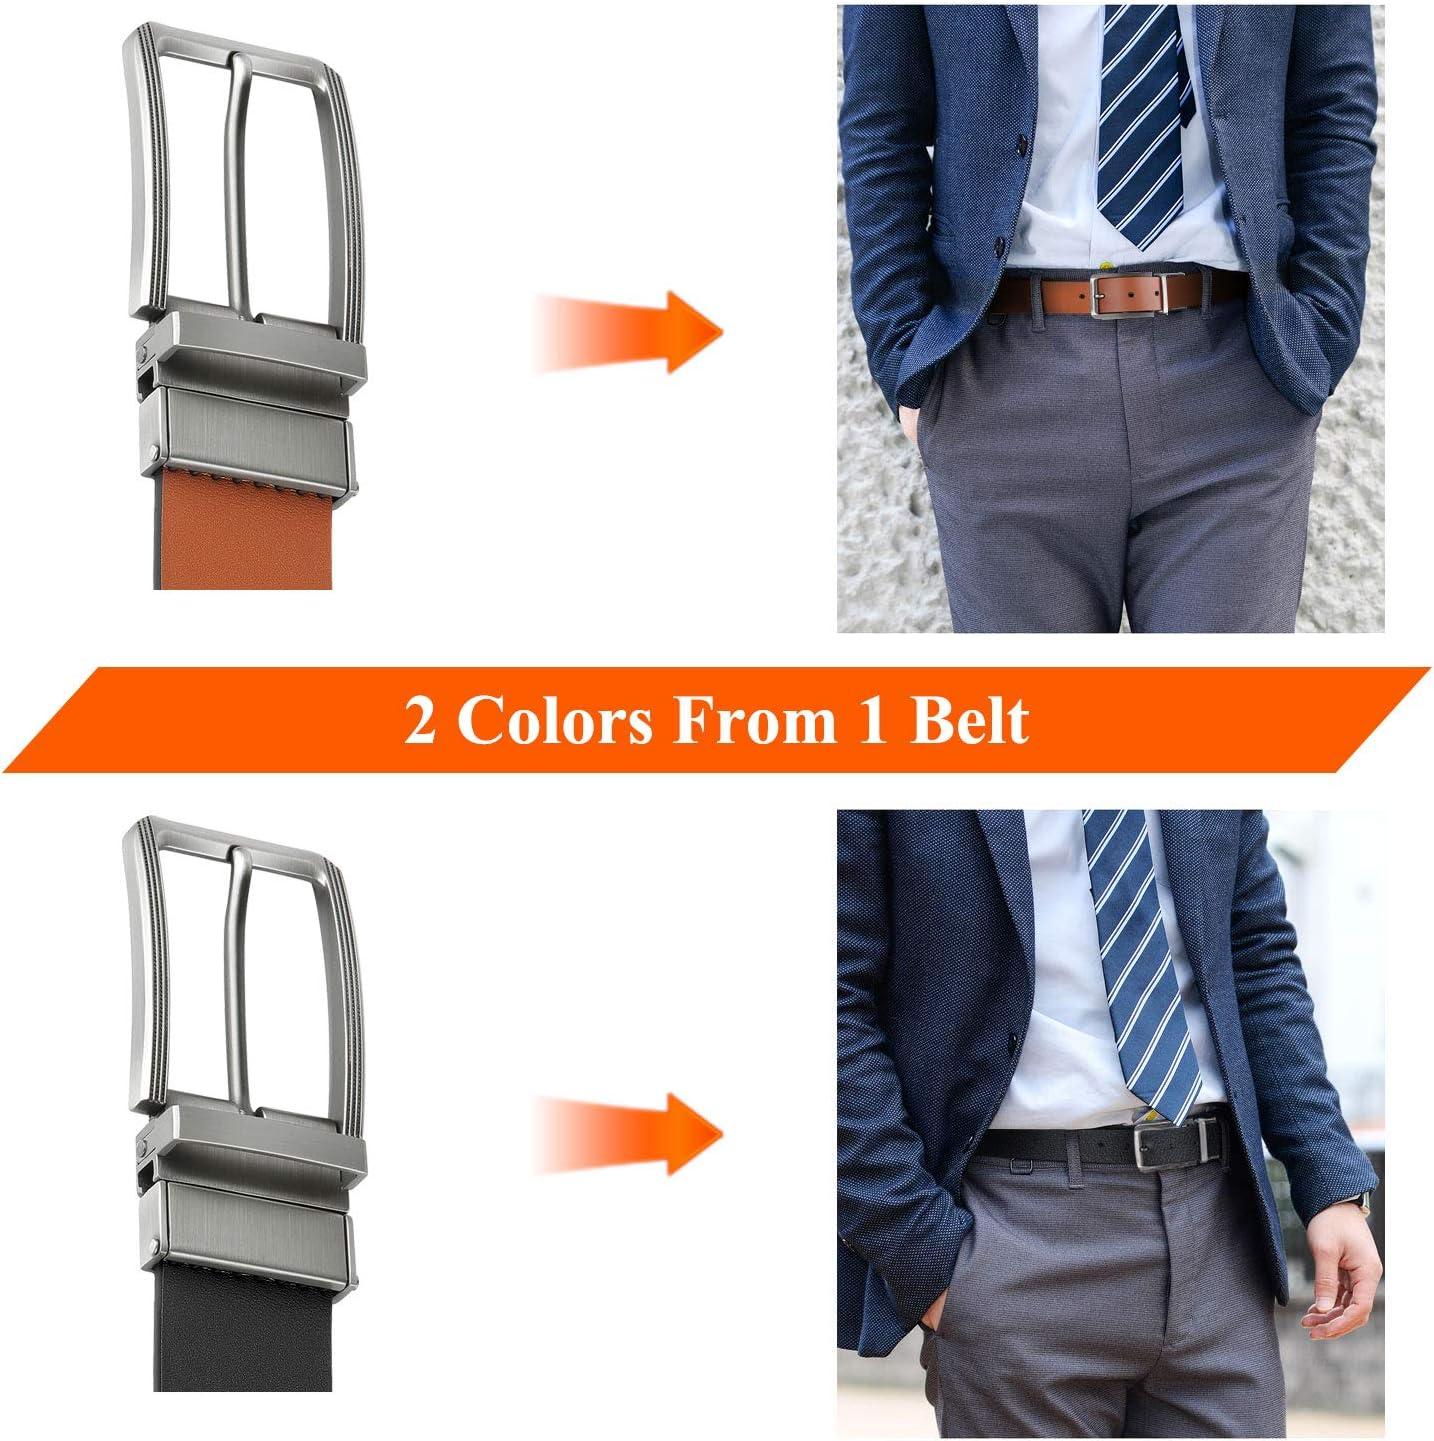 Mens Belt Adjustable Leather Reversible Belts Gift with Credit Card Holder Dress Belt Casual Business Jeans Belts for Men Brown Black